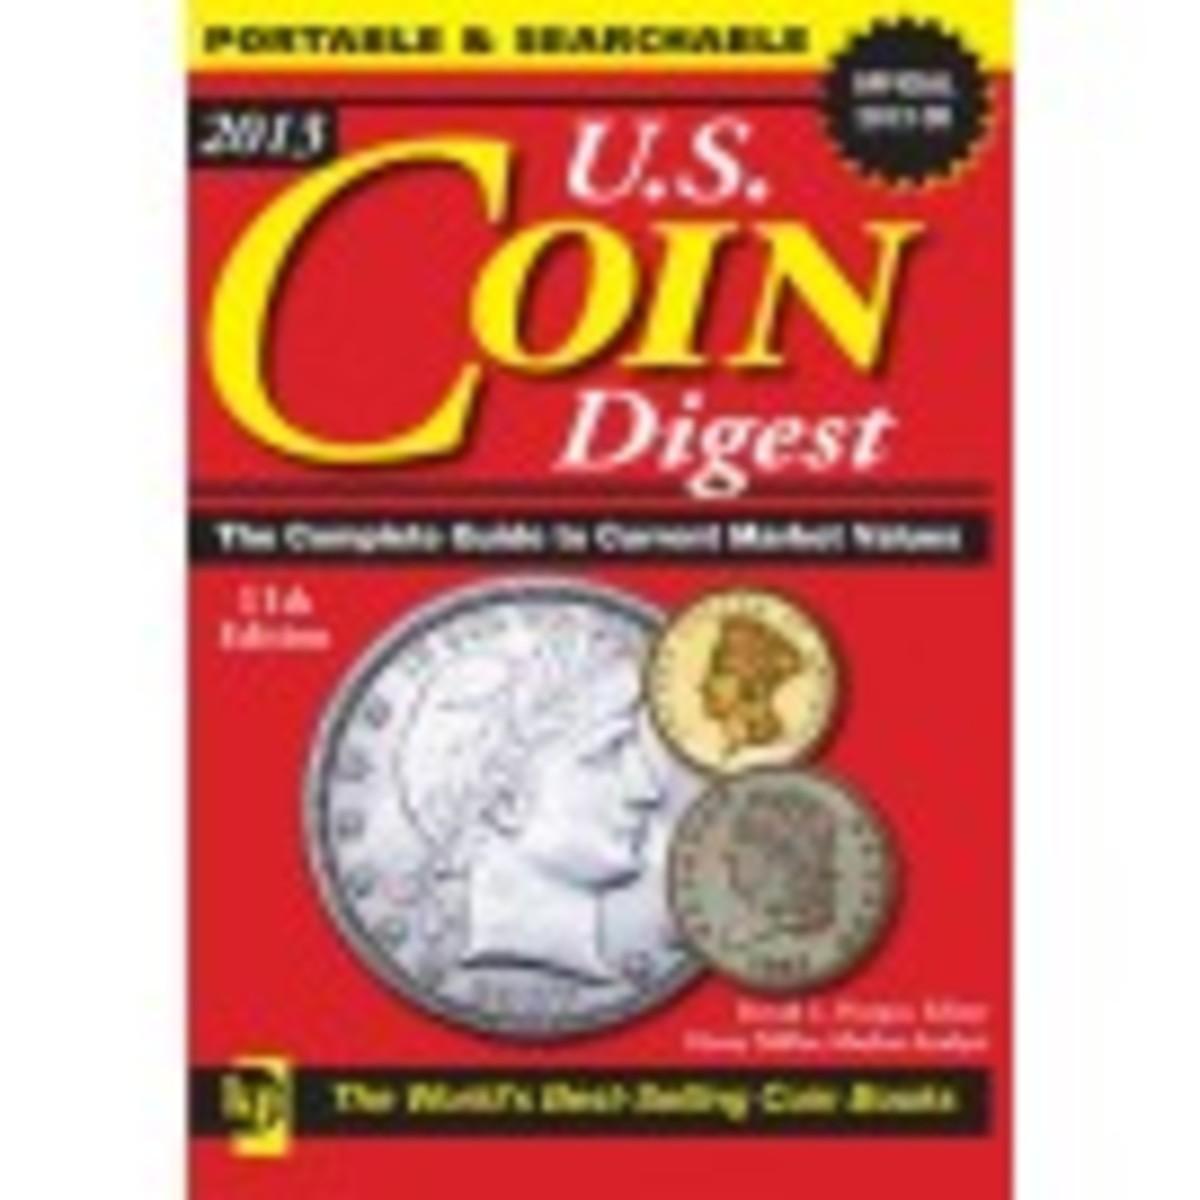 2013 U.S. Coin Digest CD